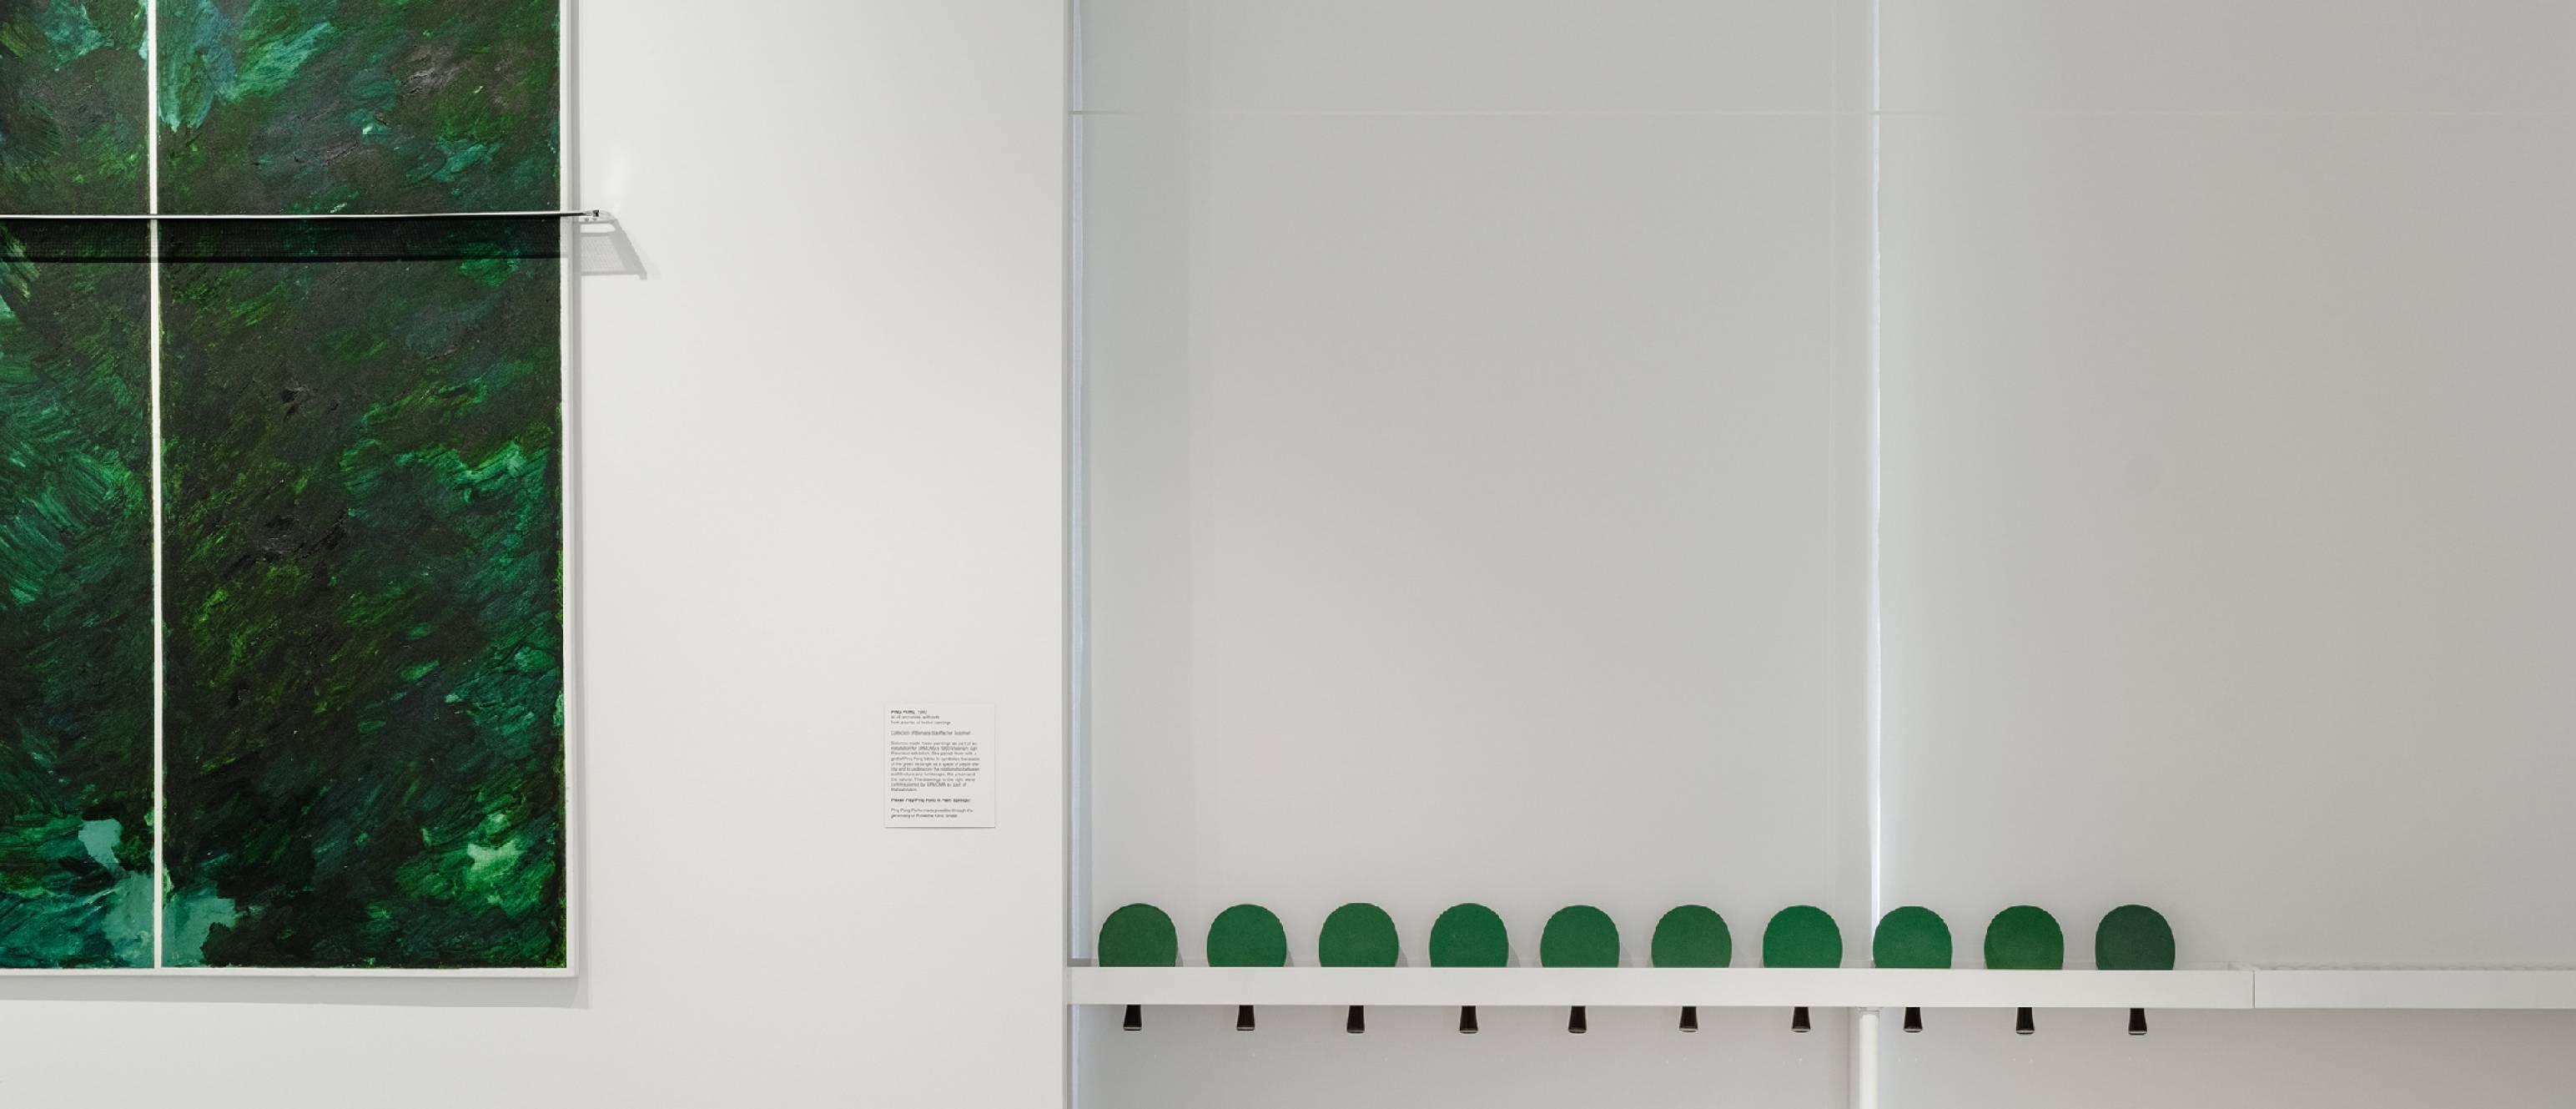 Ping pong paddles and artworks